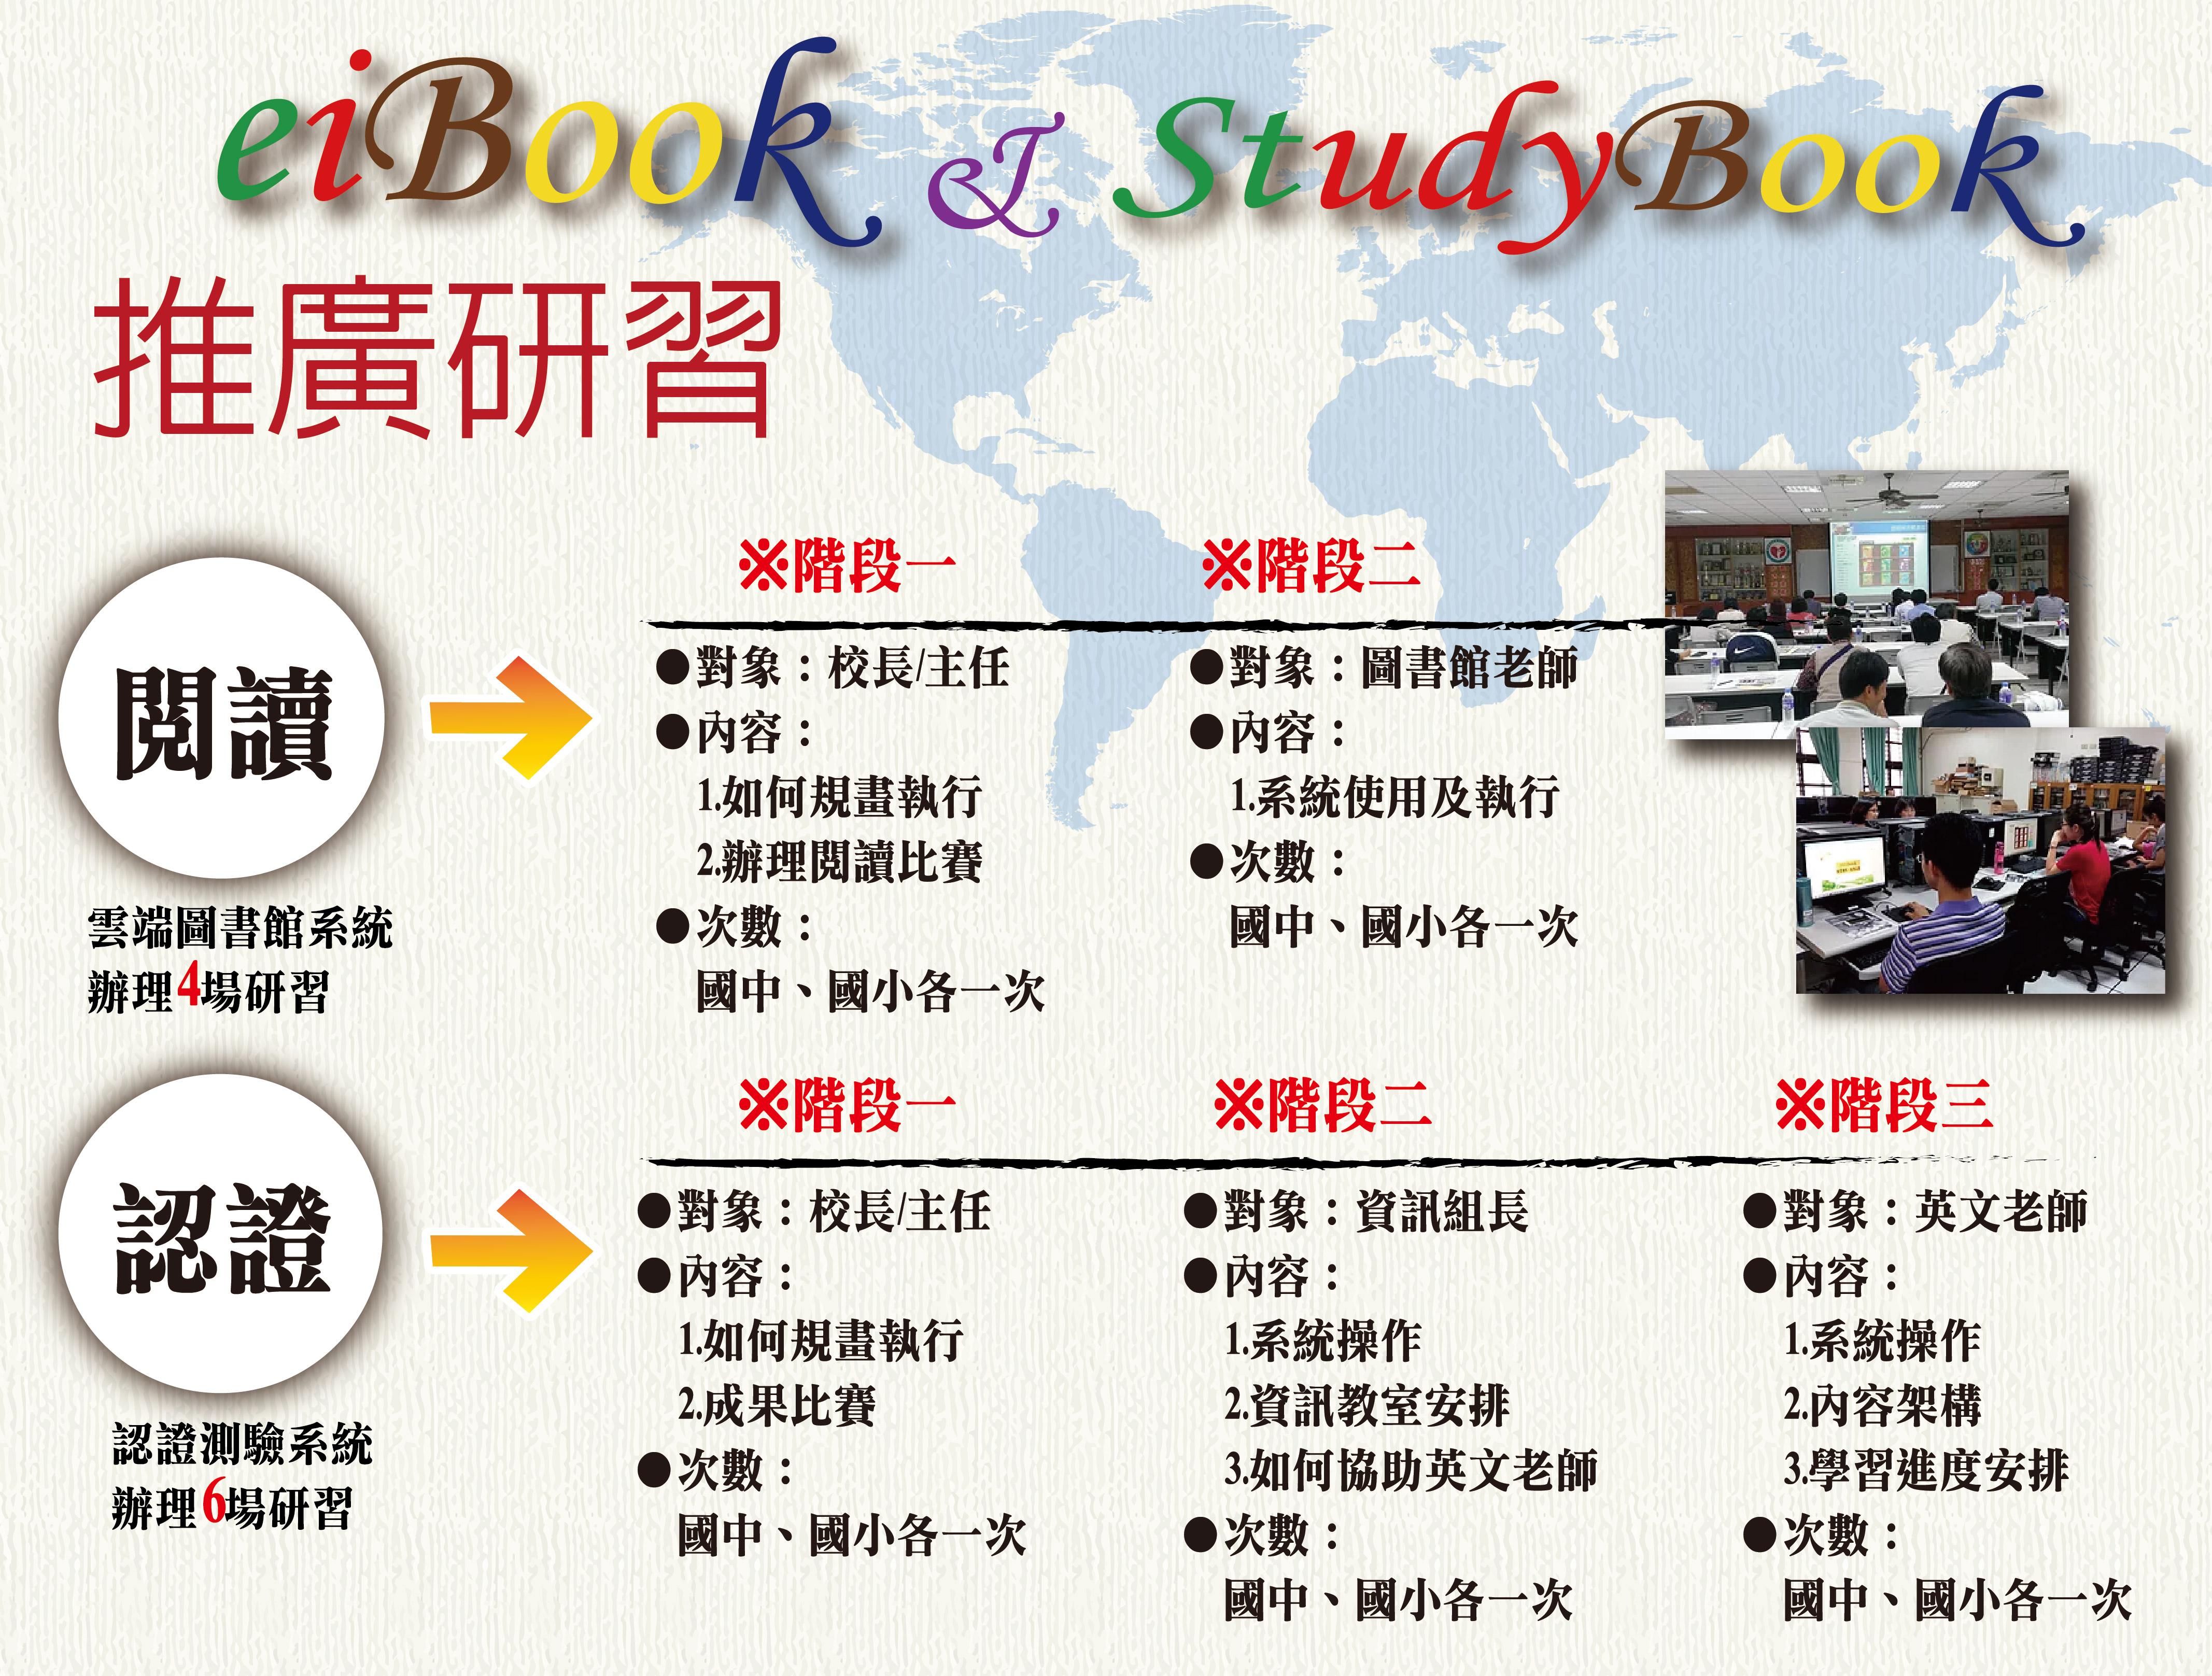 教育局-閱讀&認證&測驗-推廣方式-01.jpg